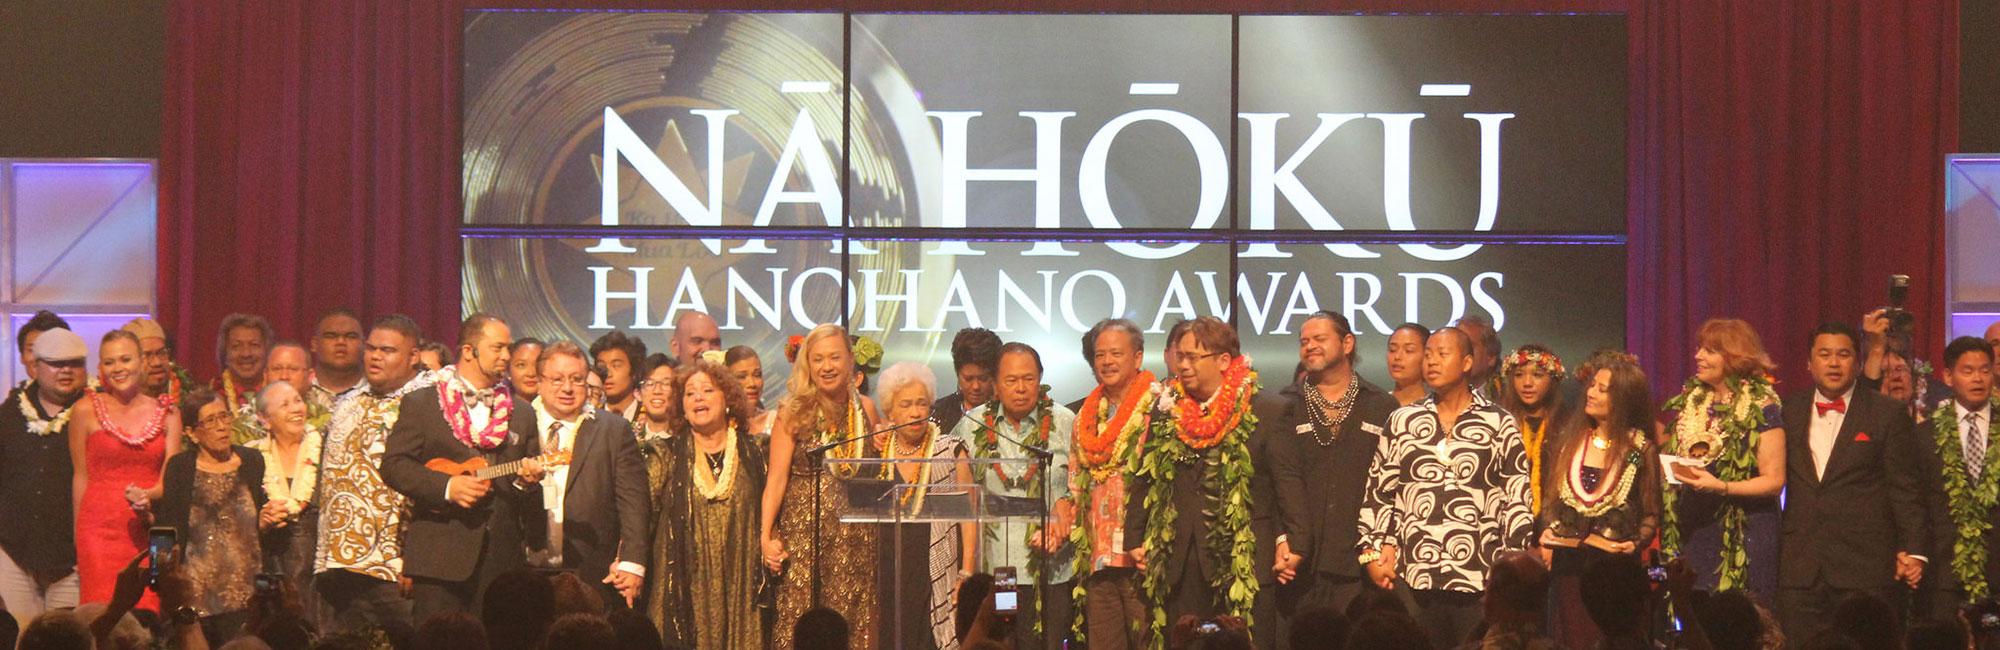 NA HOKU HANOHANO AWARDS 2018 鑑賞ツアー